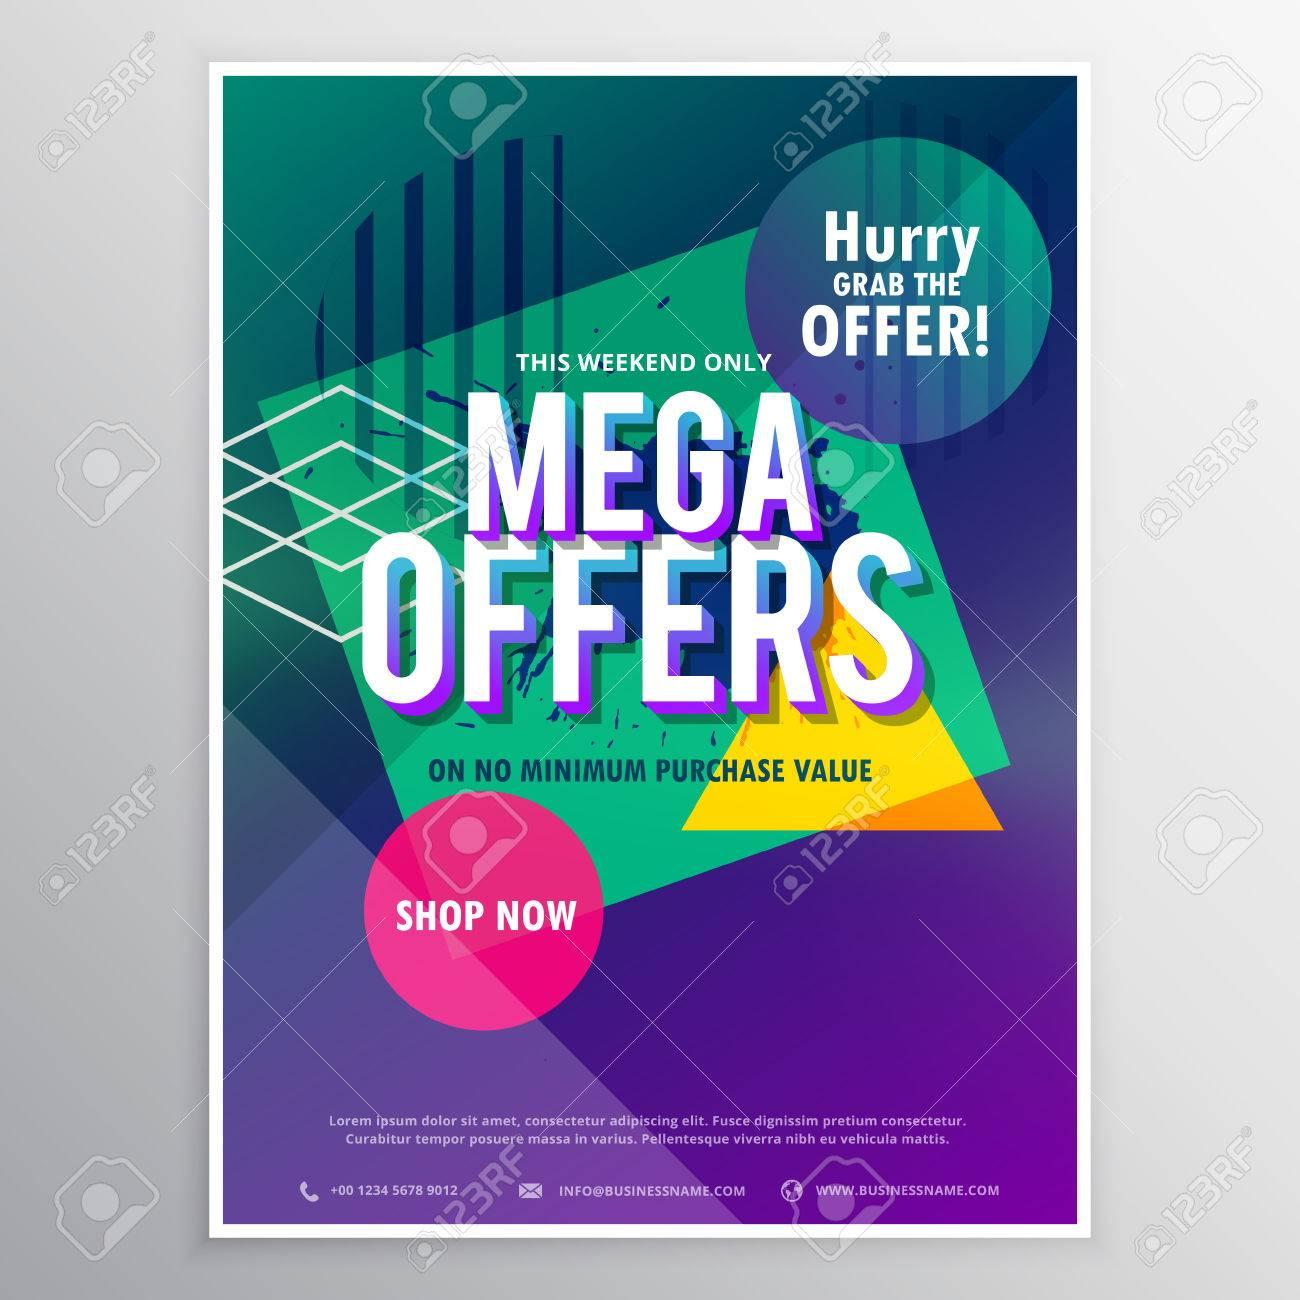 Promotional Mega Sale Brochure Flyer Template With Abstract - Promotional brochure template